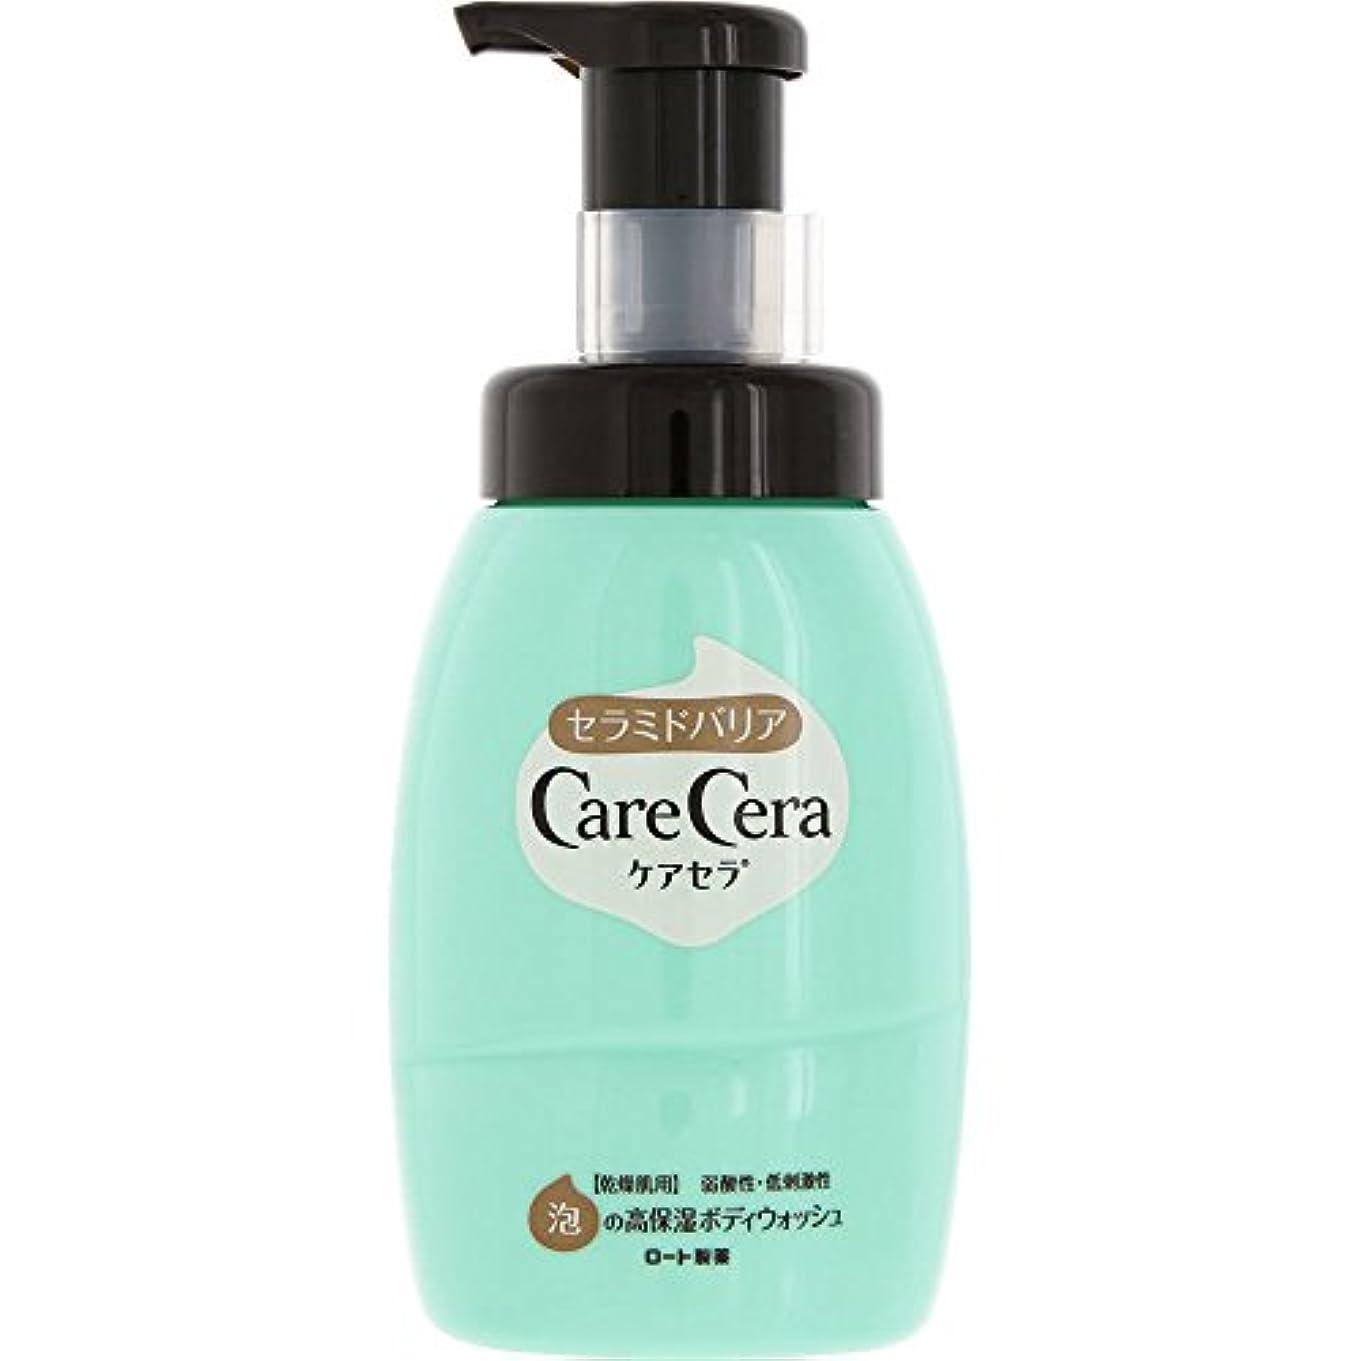 指定する送料計算可能CareCera(ケアセラ) 泡の高保湿 ボディウォッシュ 450mL